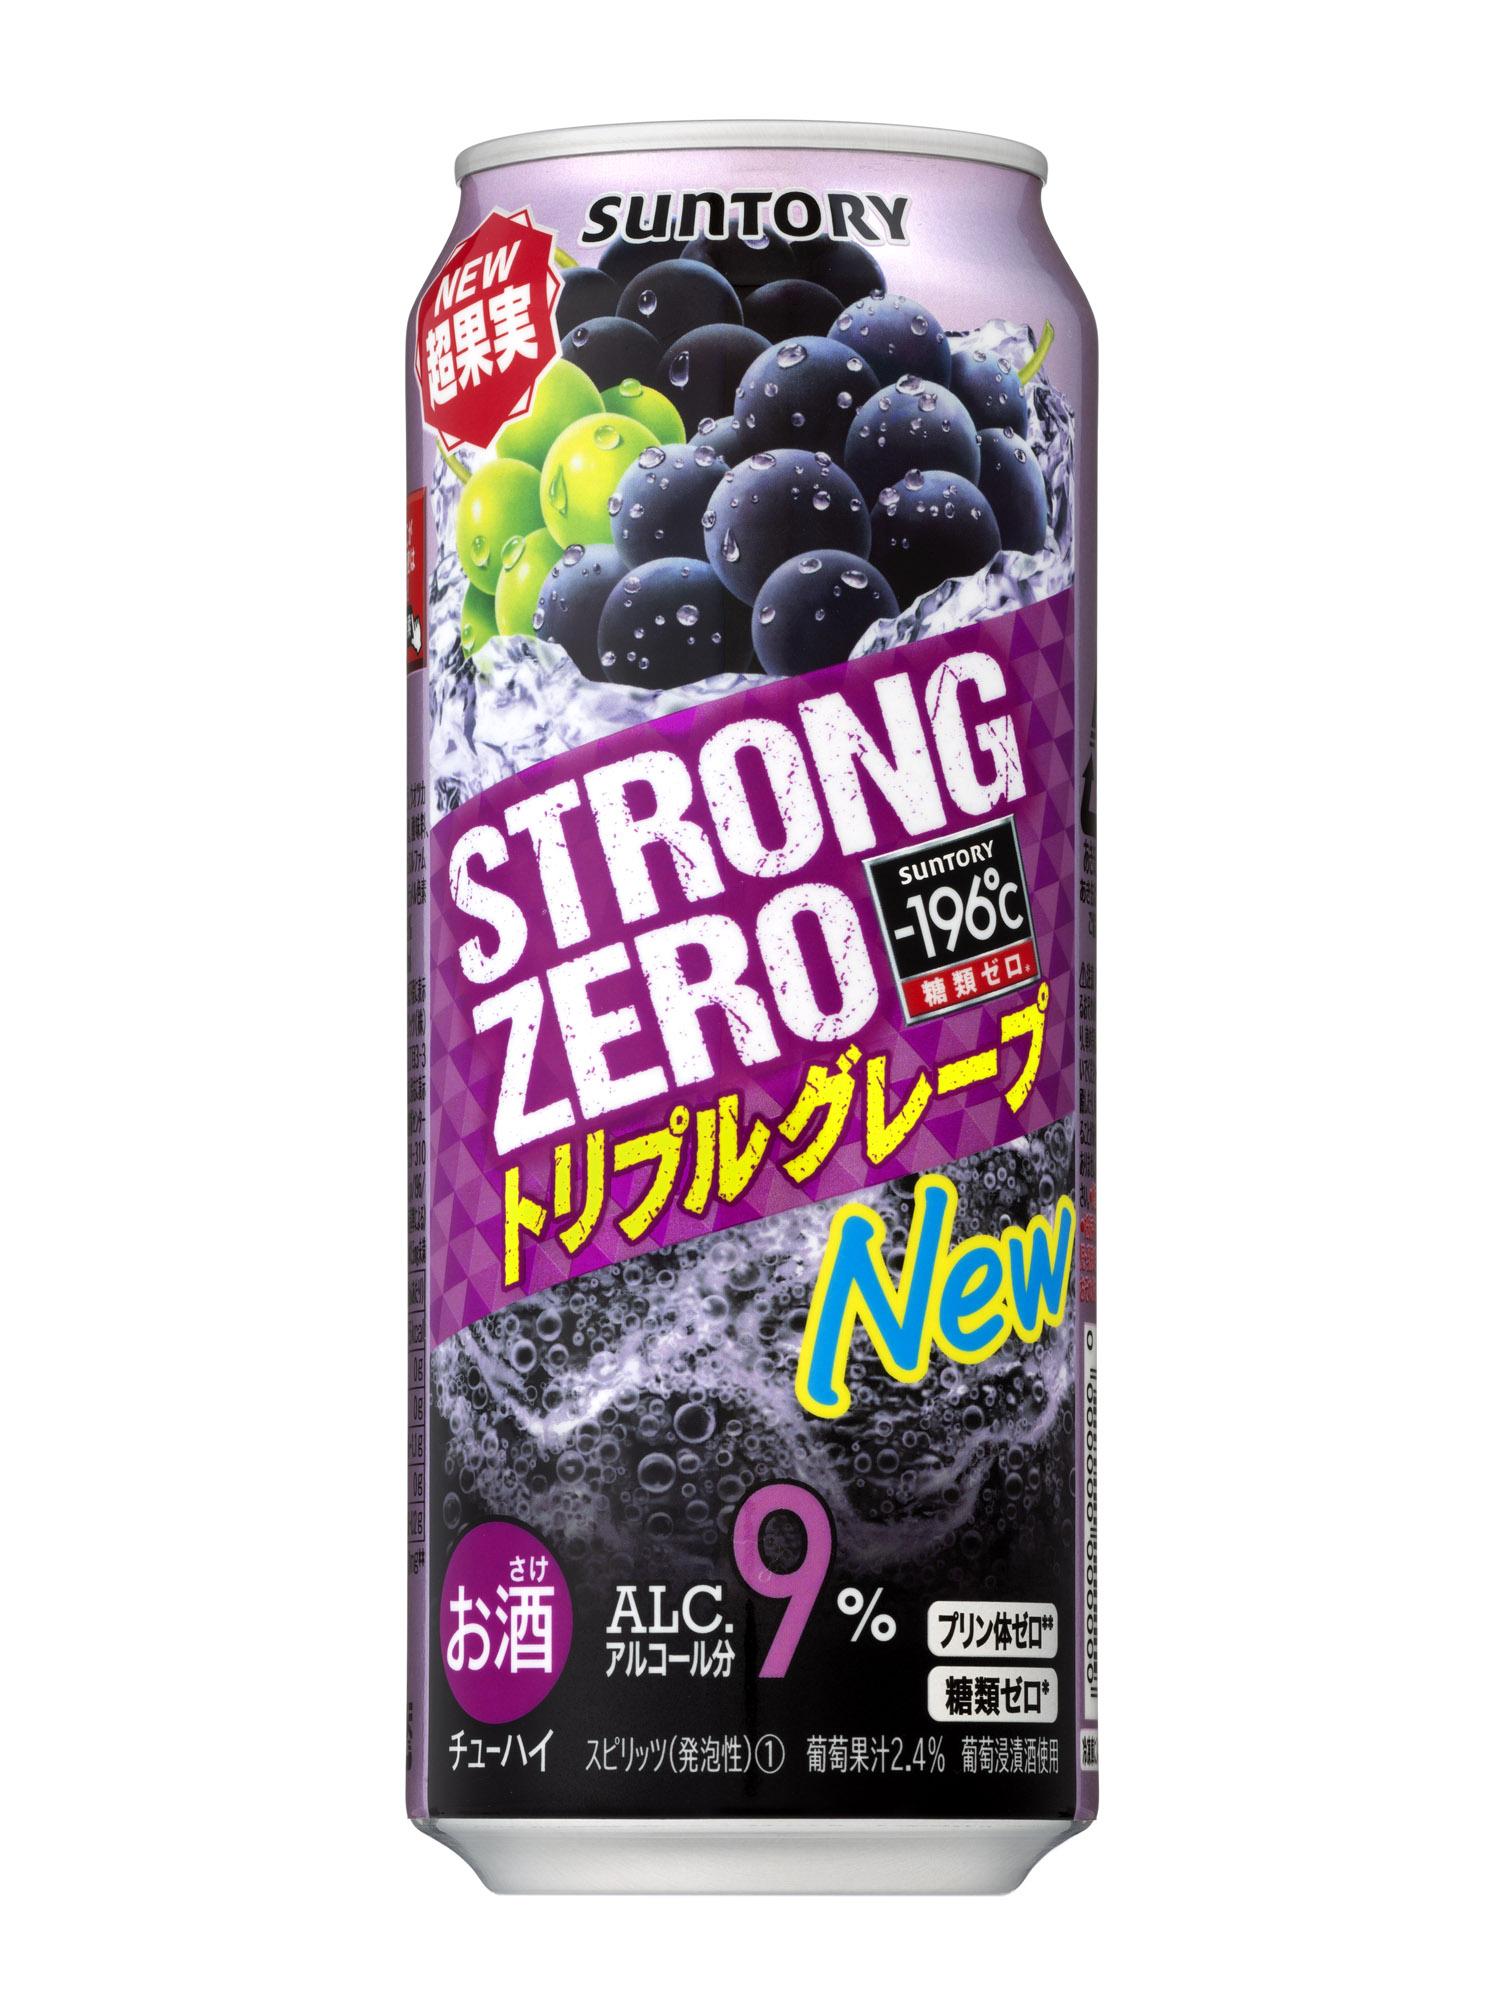 【アルコール依存症】NHKでストロングゼロ ...